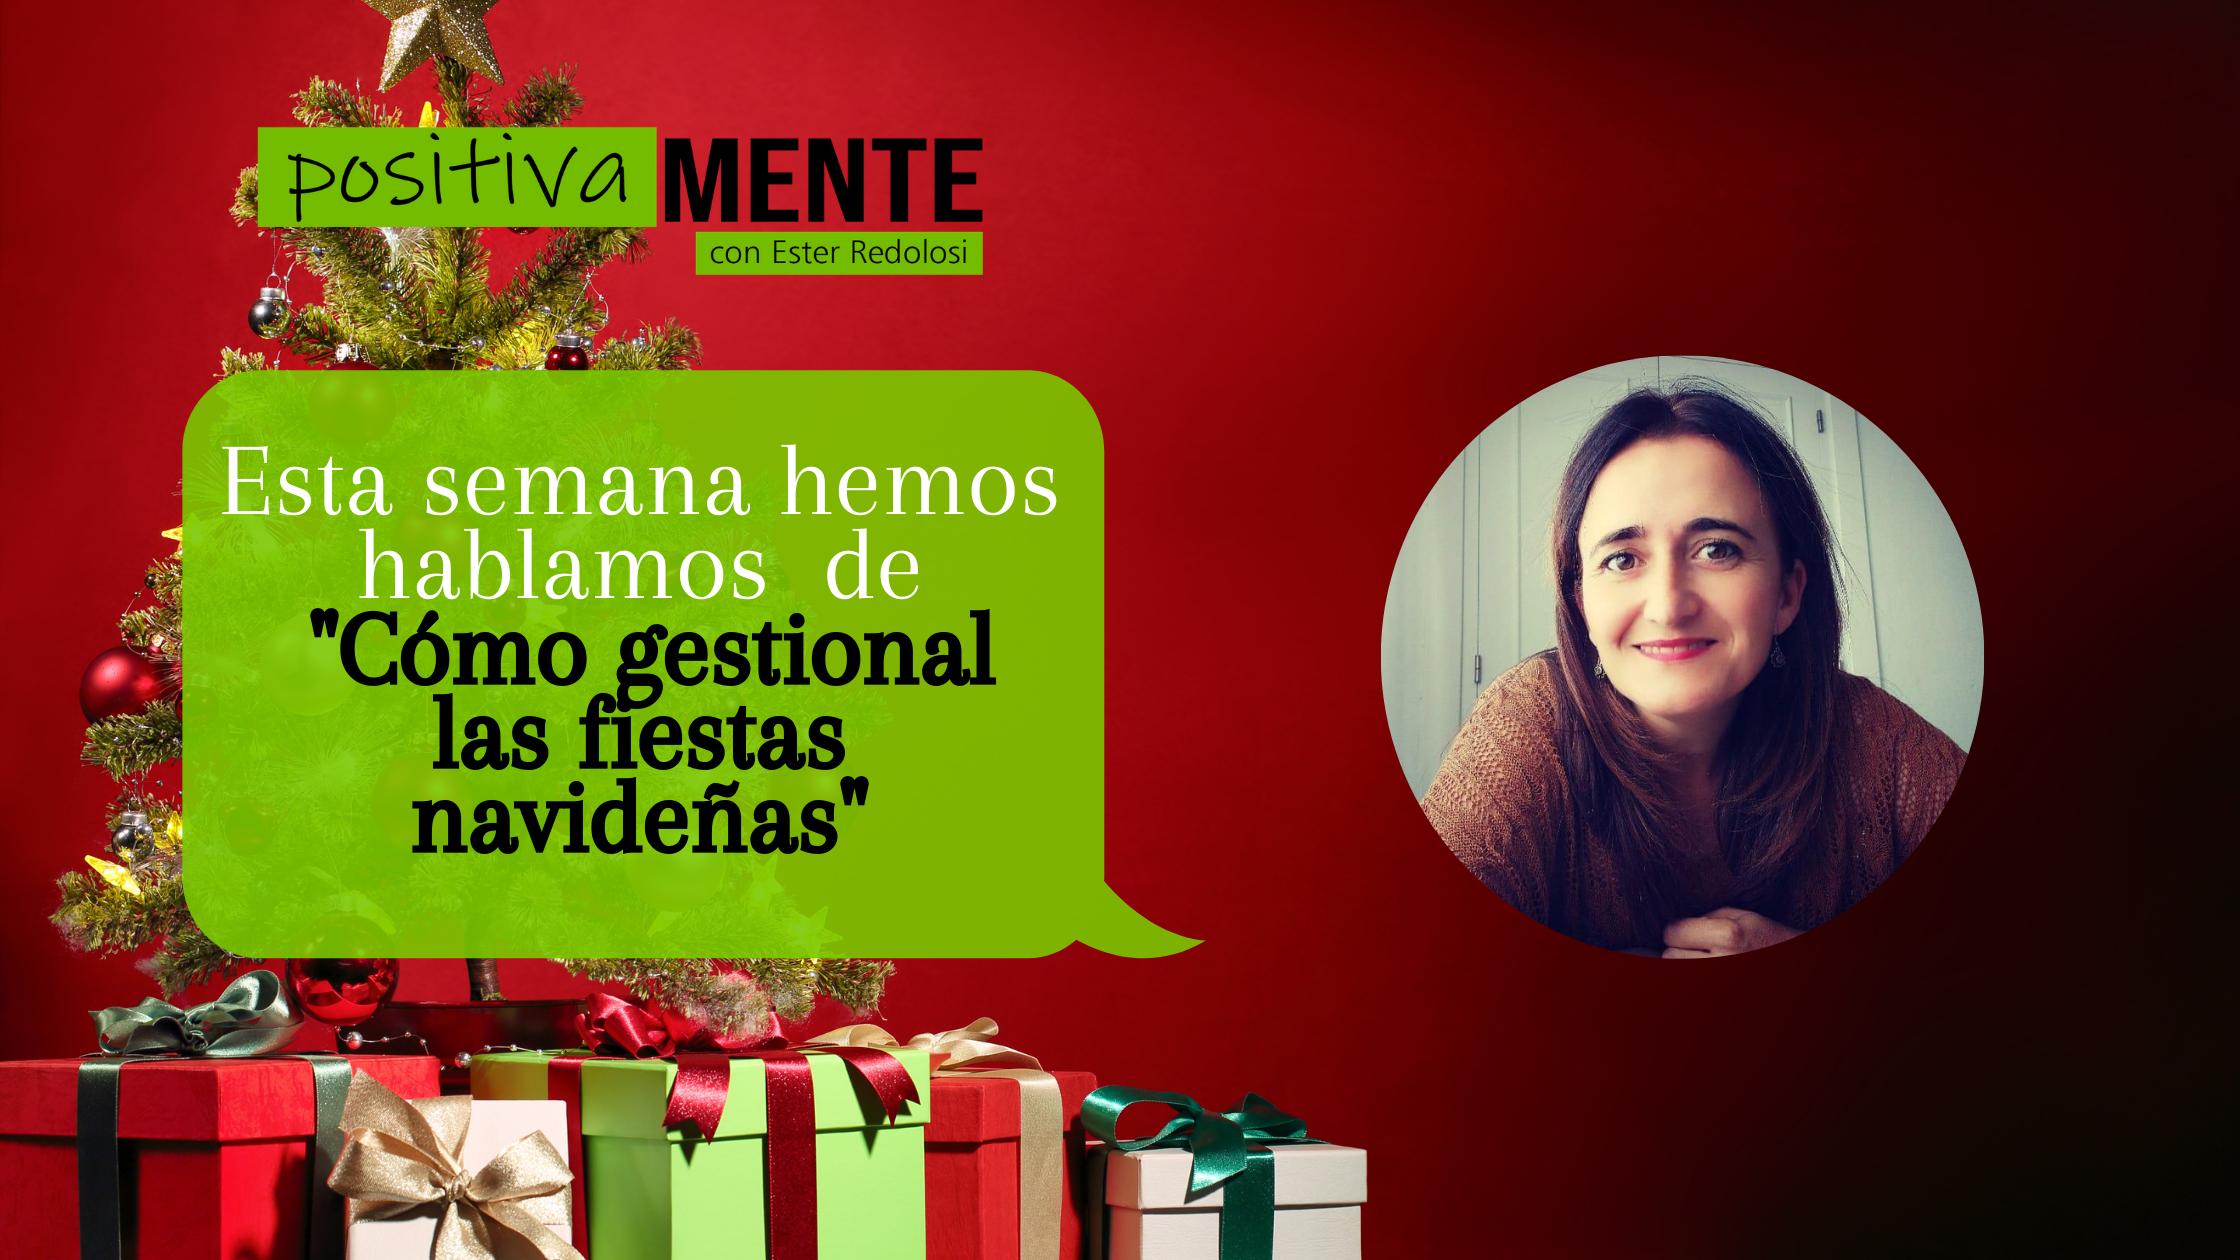 «Cómo gestionar las fiestas navideñas» con Ester Redolosi